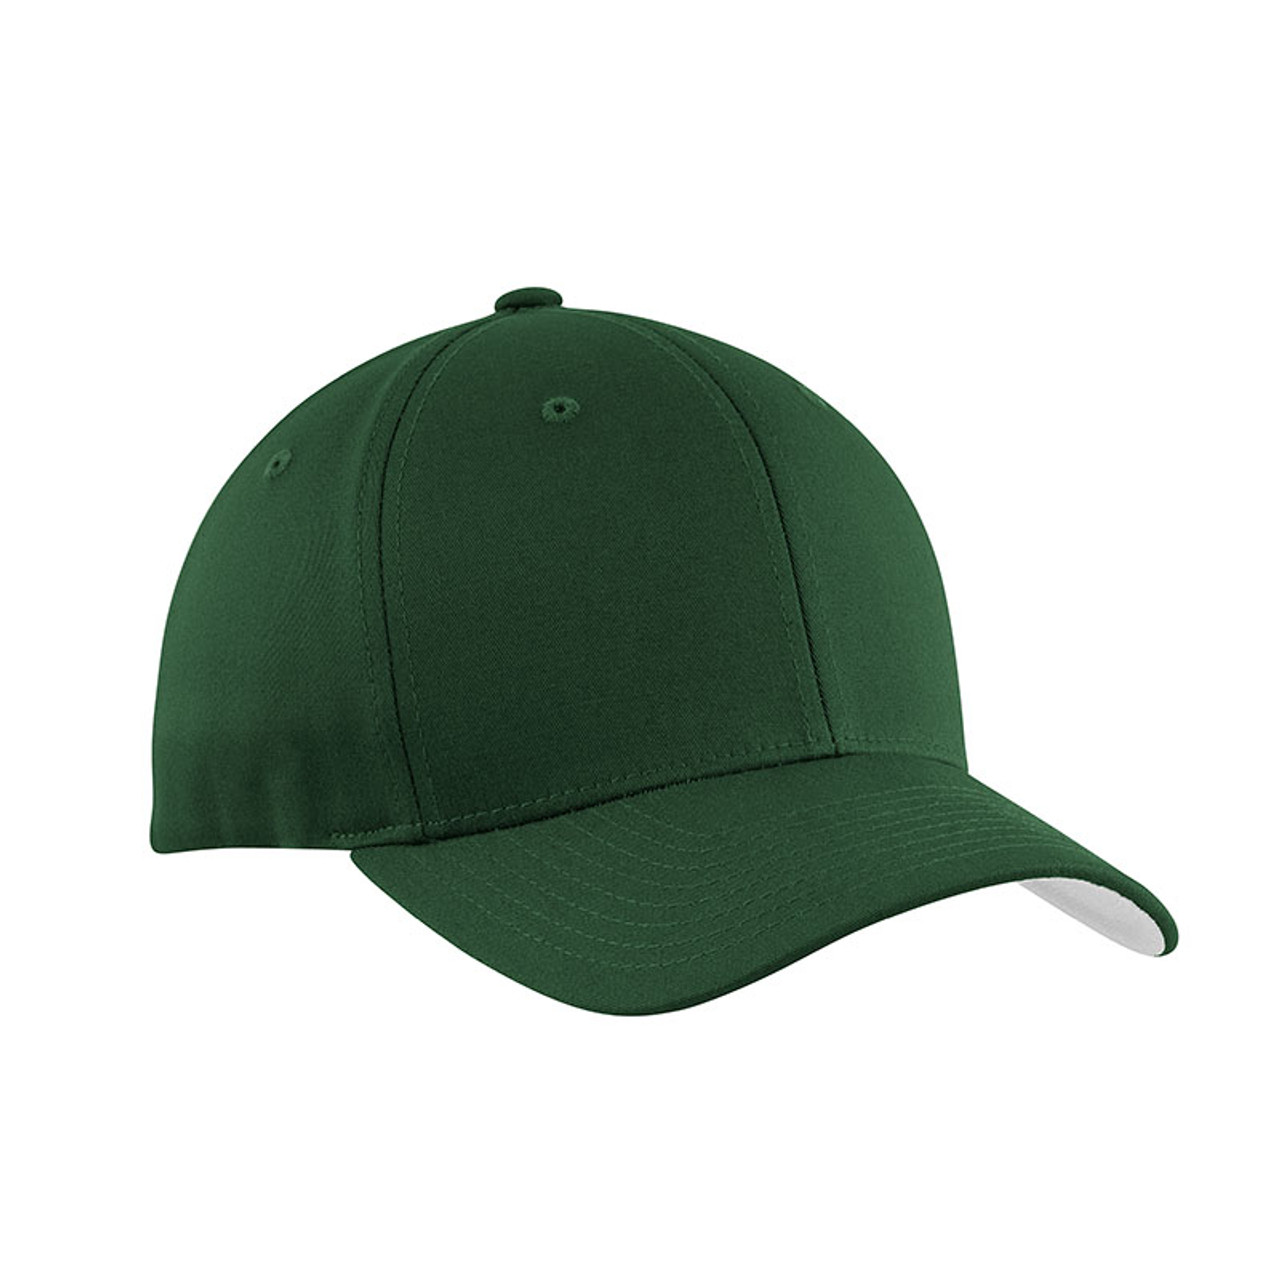 Port Authority® Flexfit® Cotton Twill Cap - Advantage Sports 419430c5e